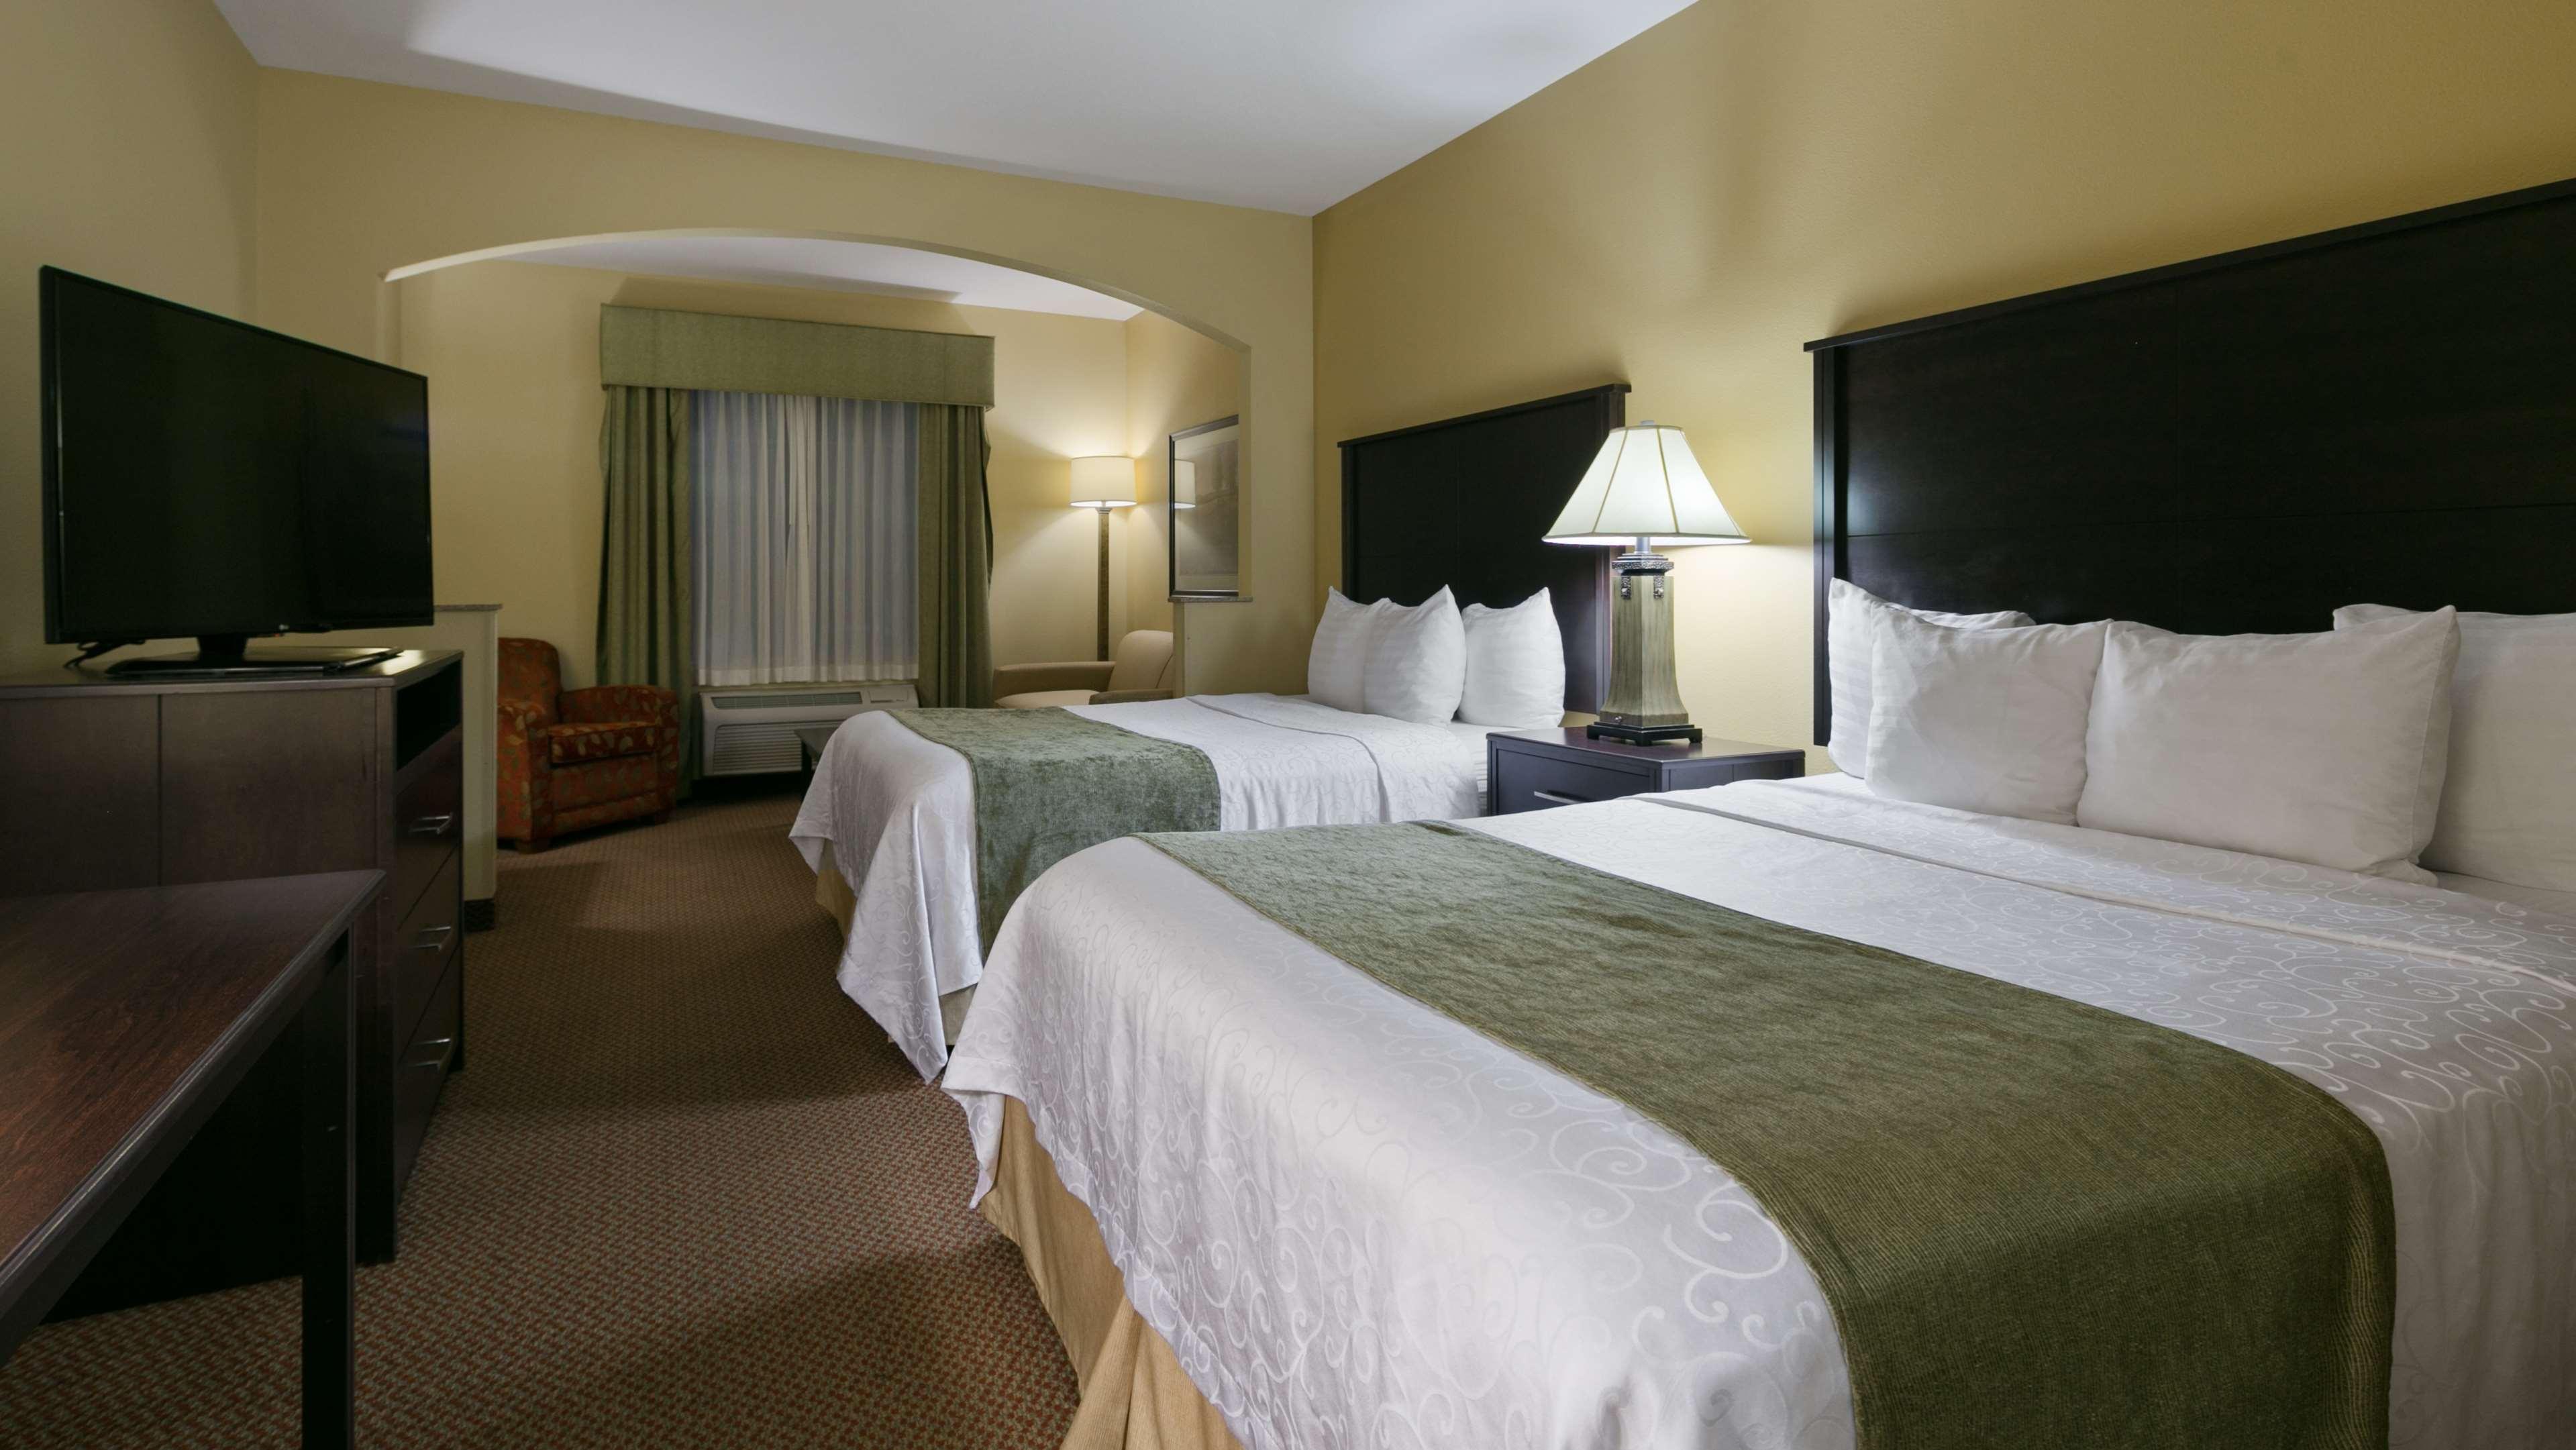 Best Western Plus Parkersville Inn & Suites image 8